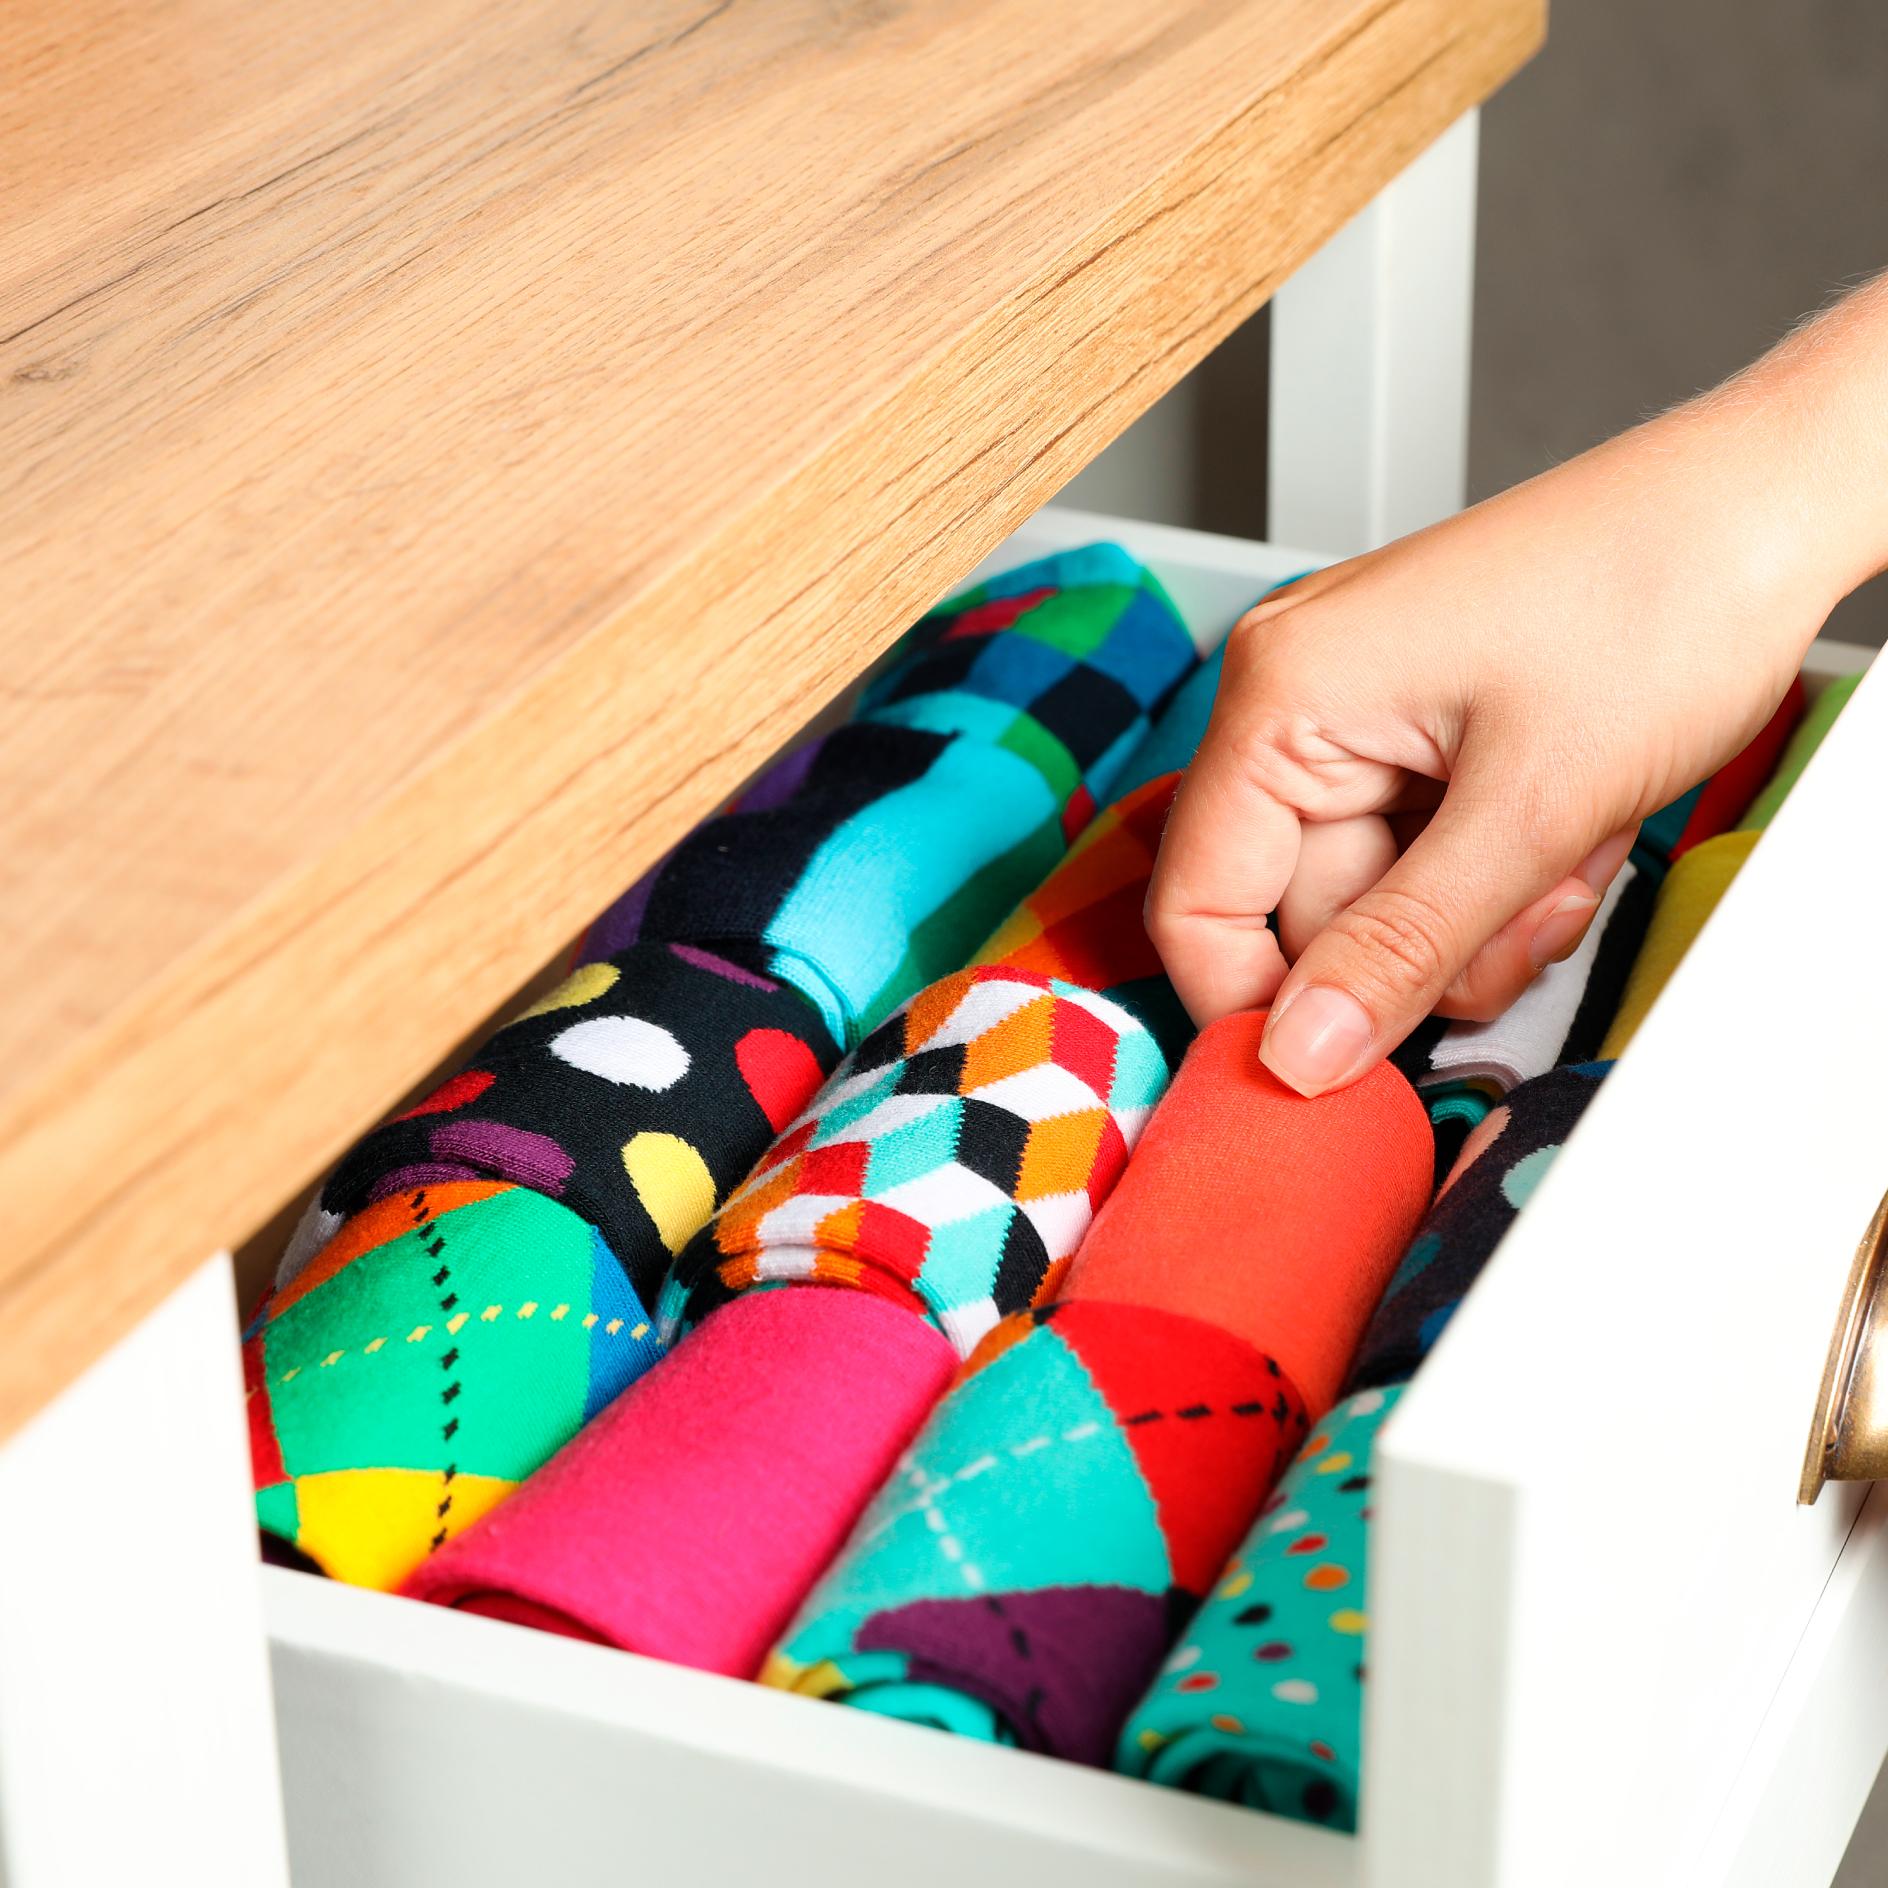 sotb_galeria_xi-socks-on-the-beat